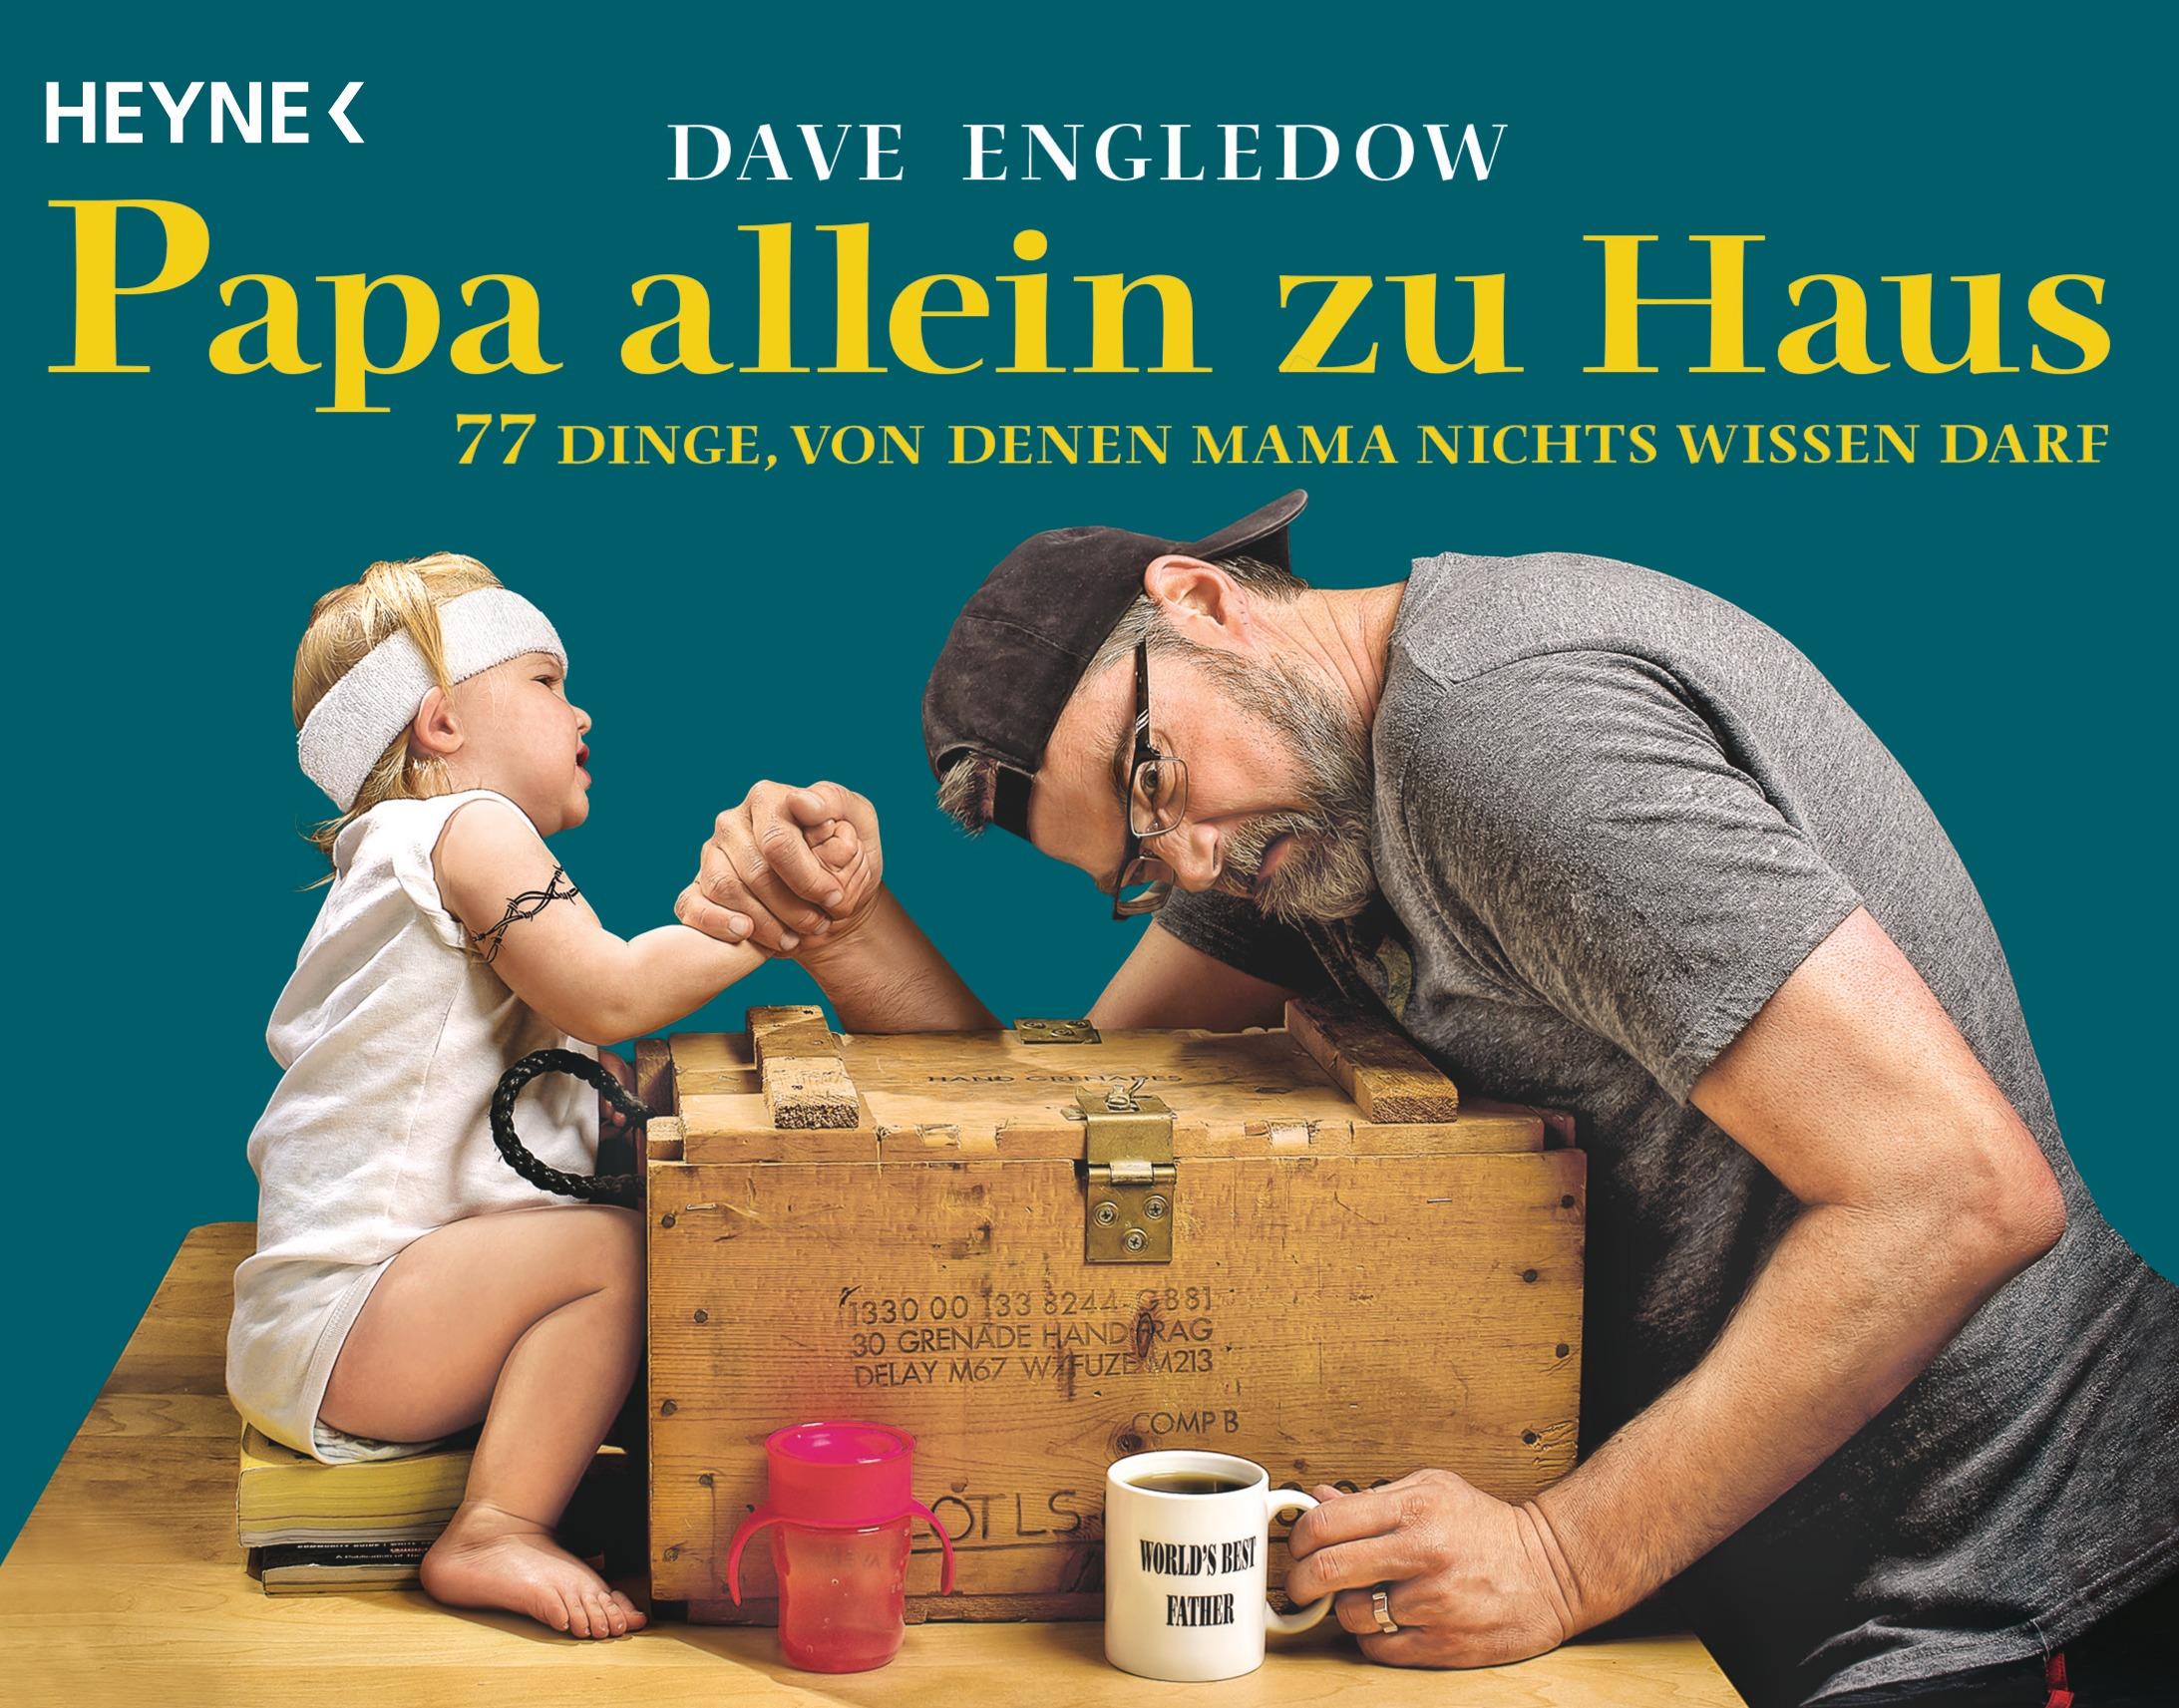 Dave Engledow - Papa allein zu Haus - Cover - Presse-Buchinfo